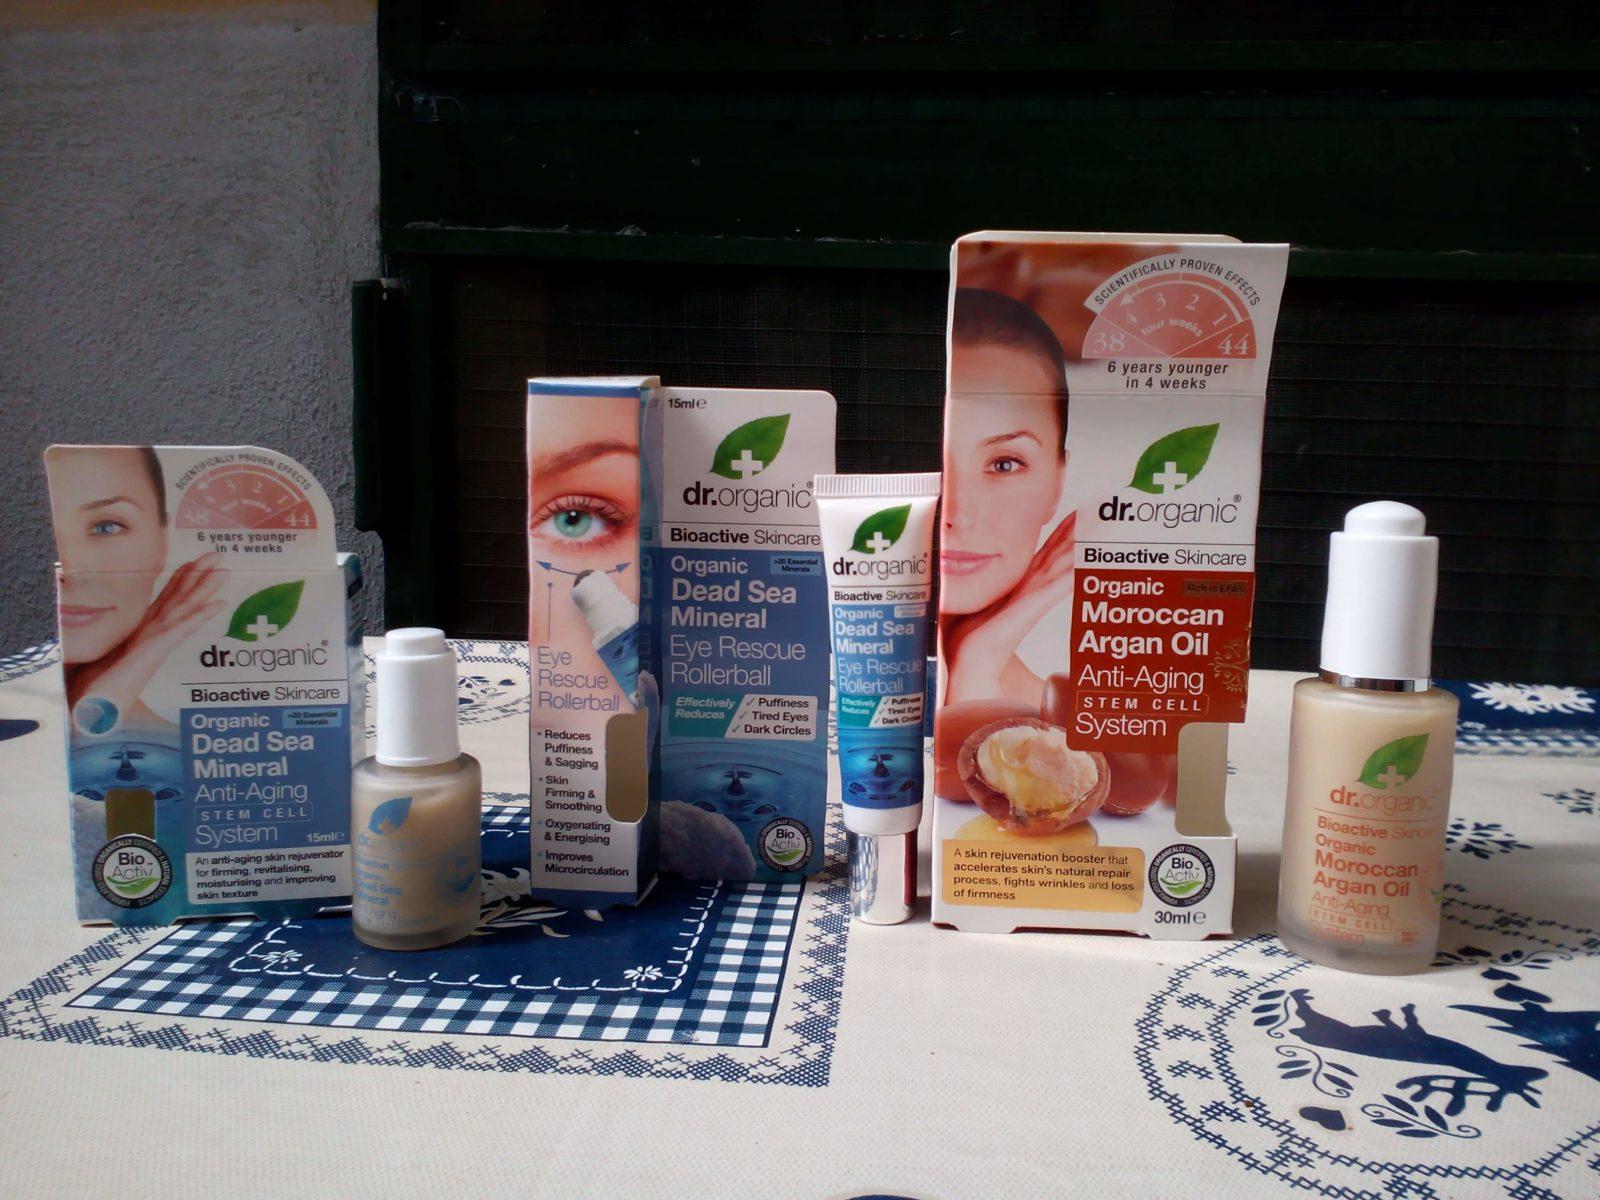 Cosmetici naturali bioattivi Dr